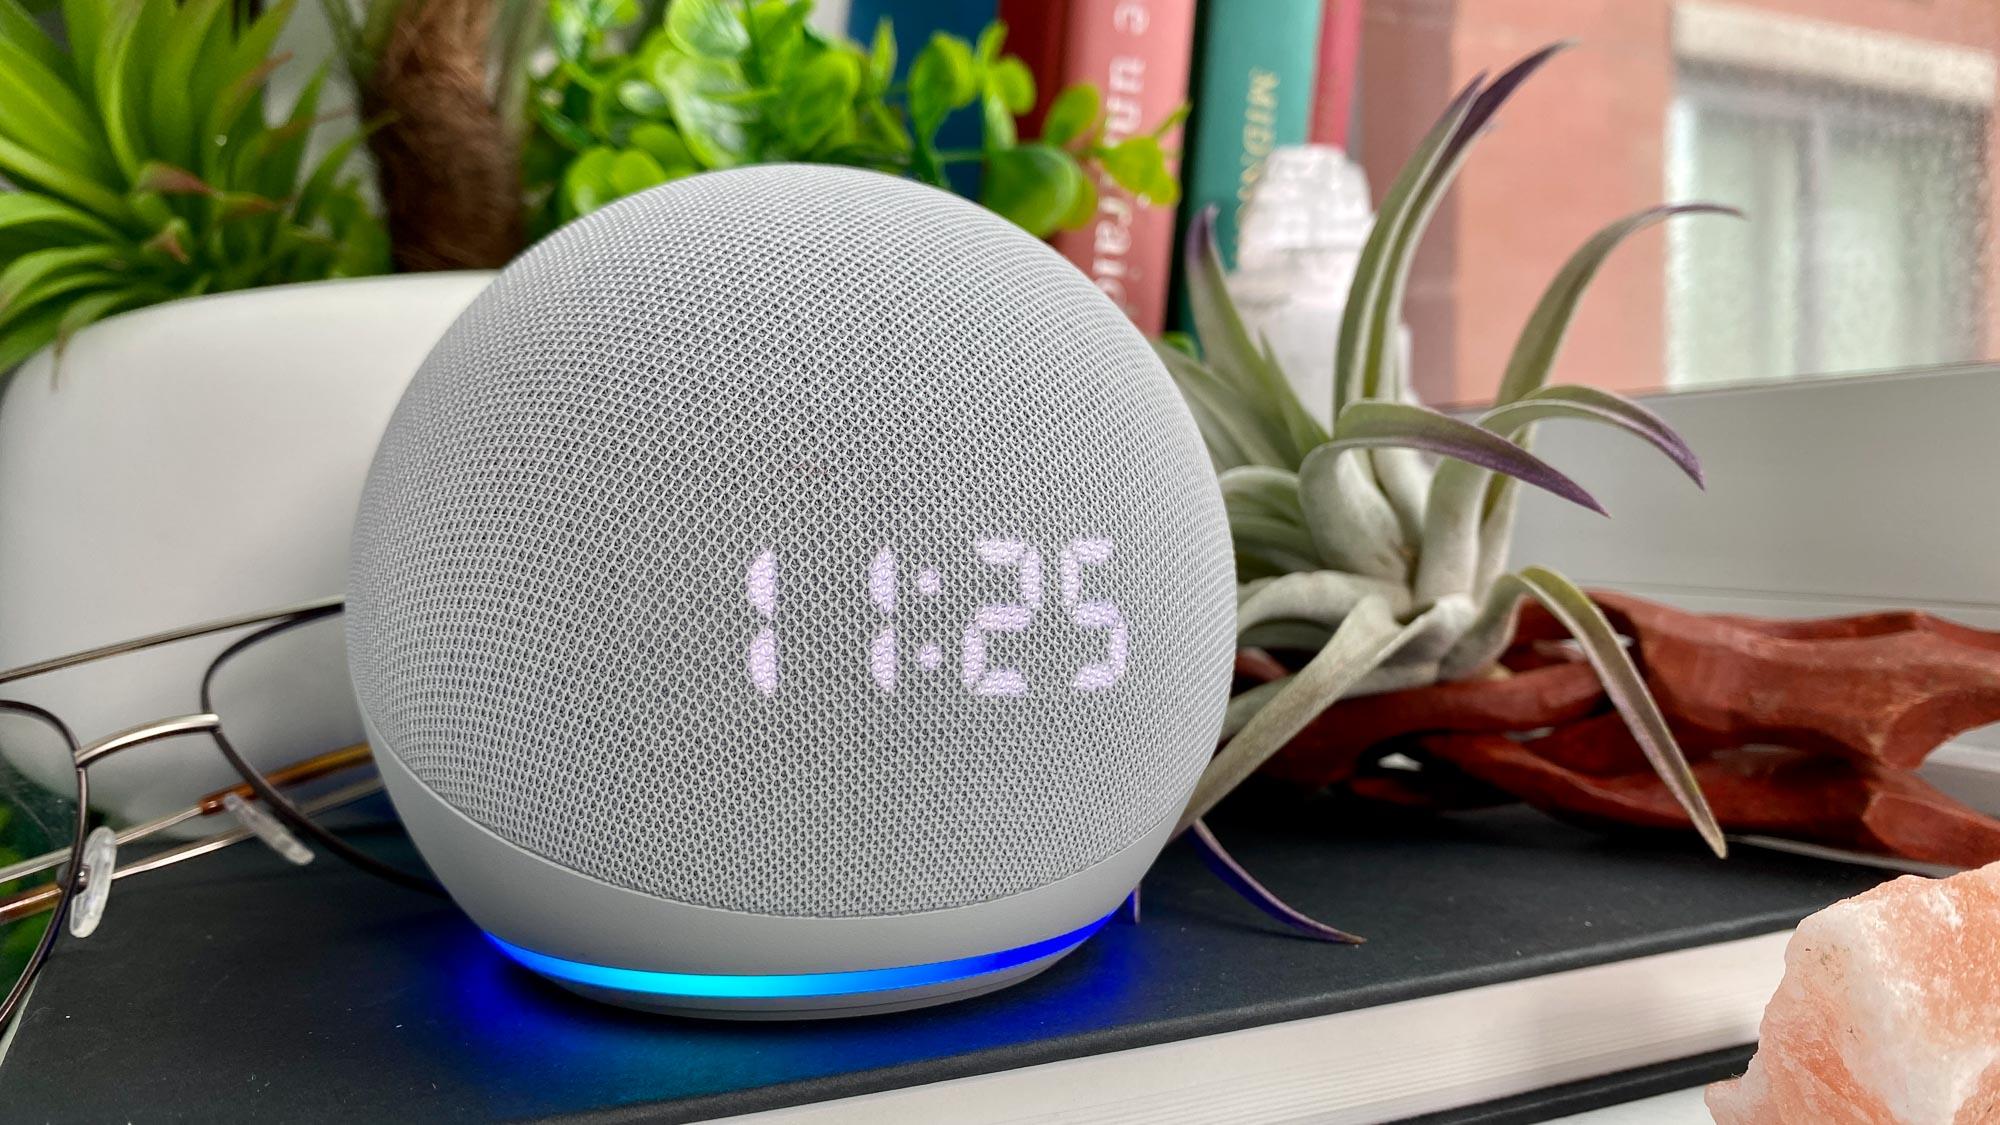 DIY smart home: Why I chose Alexa over Google Assistant